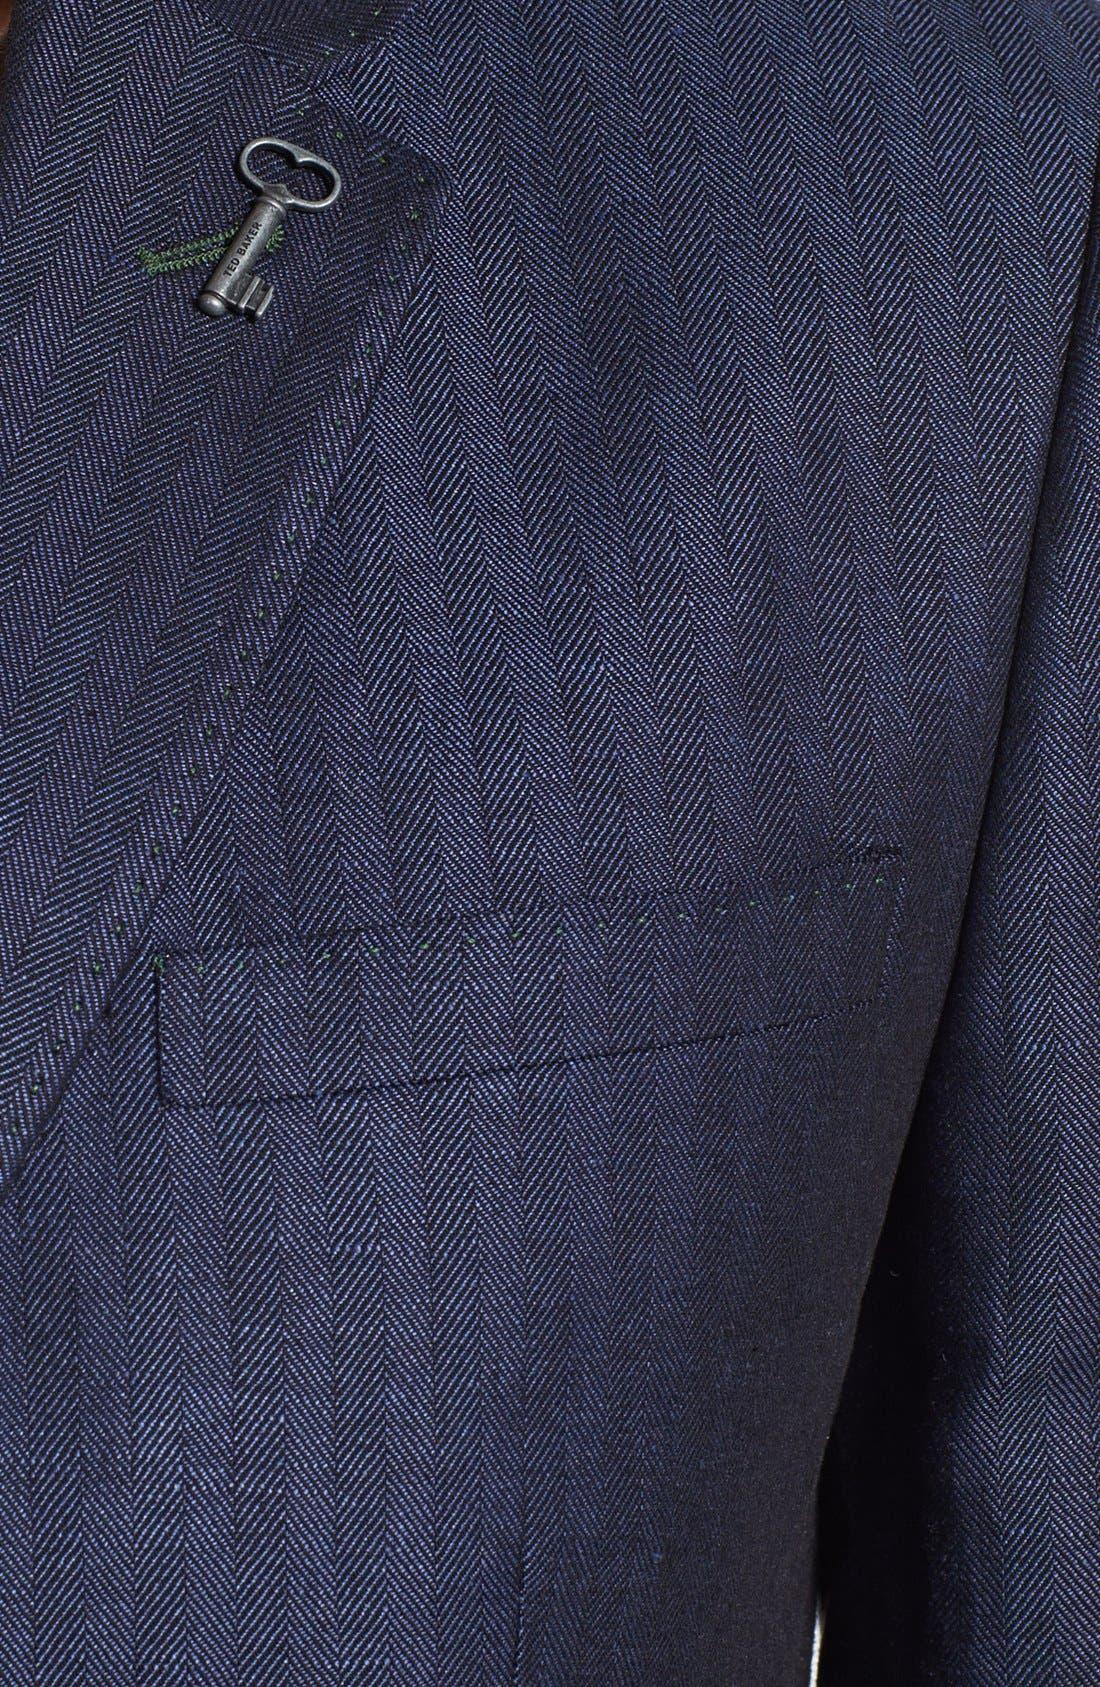 Alternate Image 3  - Ted Baker London Linen Blend Blazer